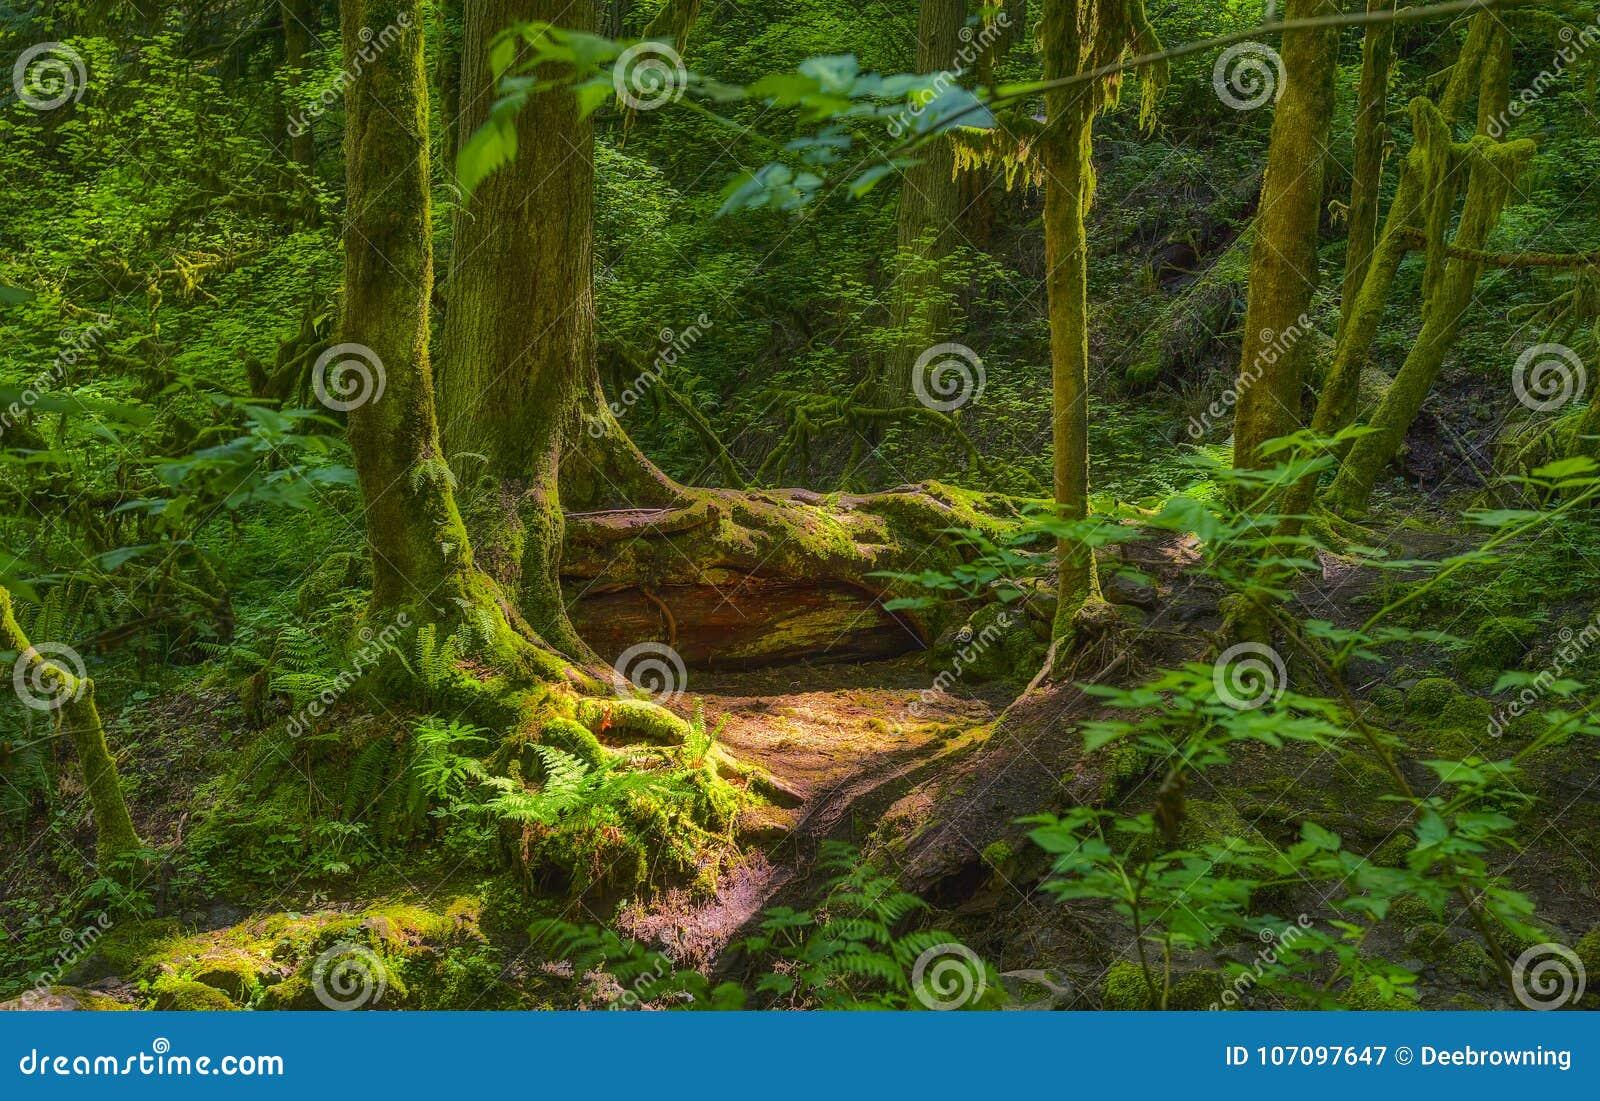 Strålar för sol` s gör ljusare den skuggiga skogsbevuxna smaragdskogen